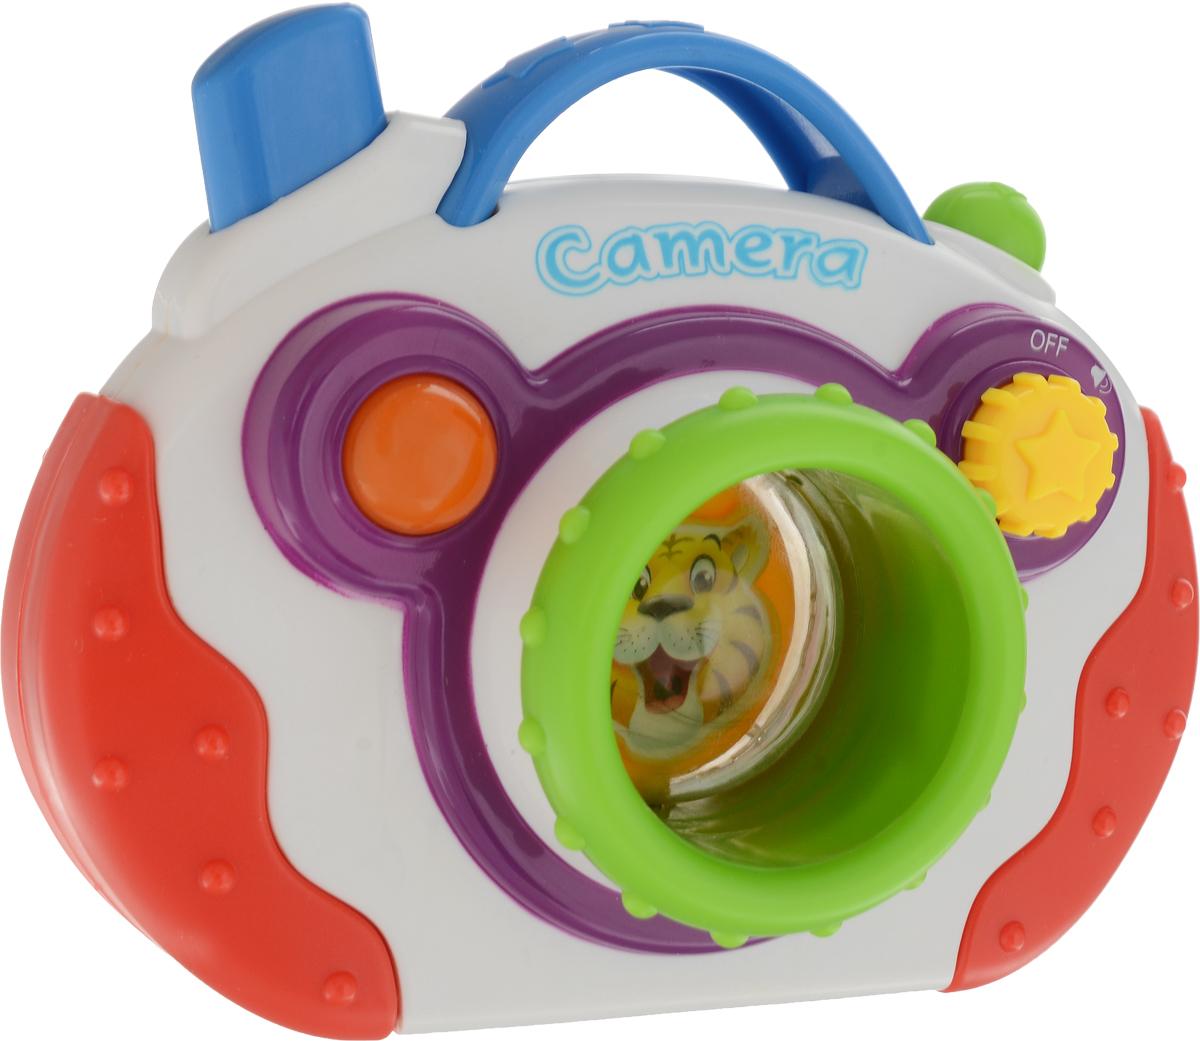 Mommy Love Развивающая игрушка Мини-камера цвет белый красный игровая техника mommy love мини камера